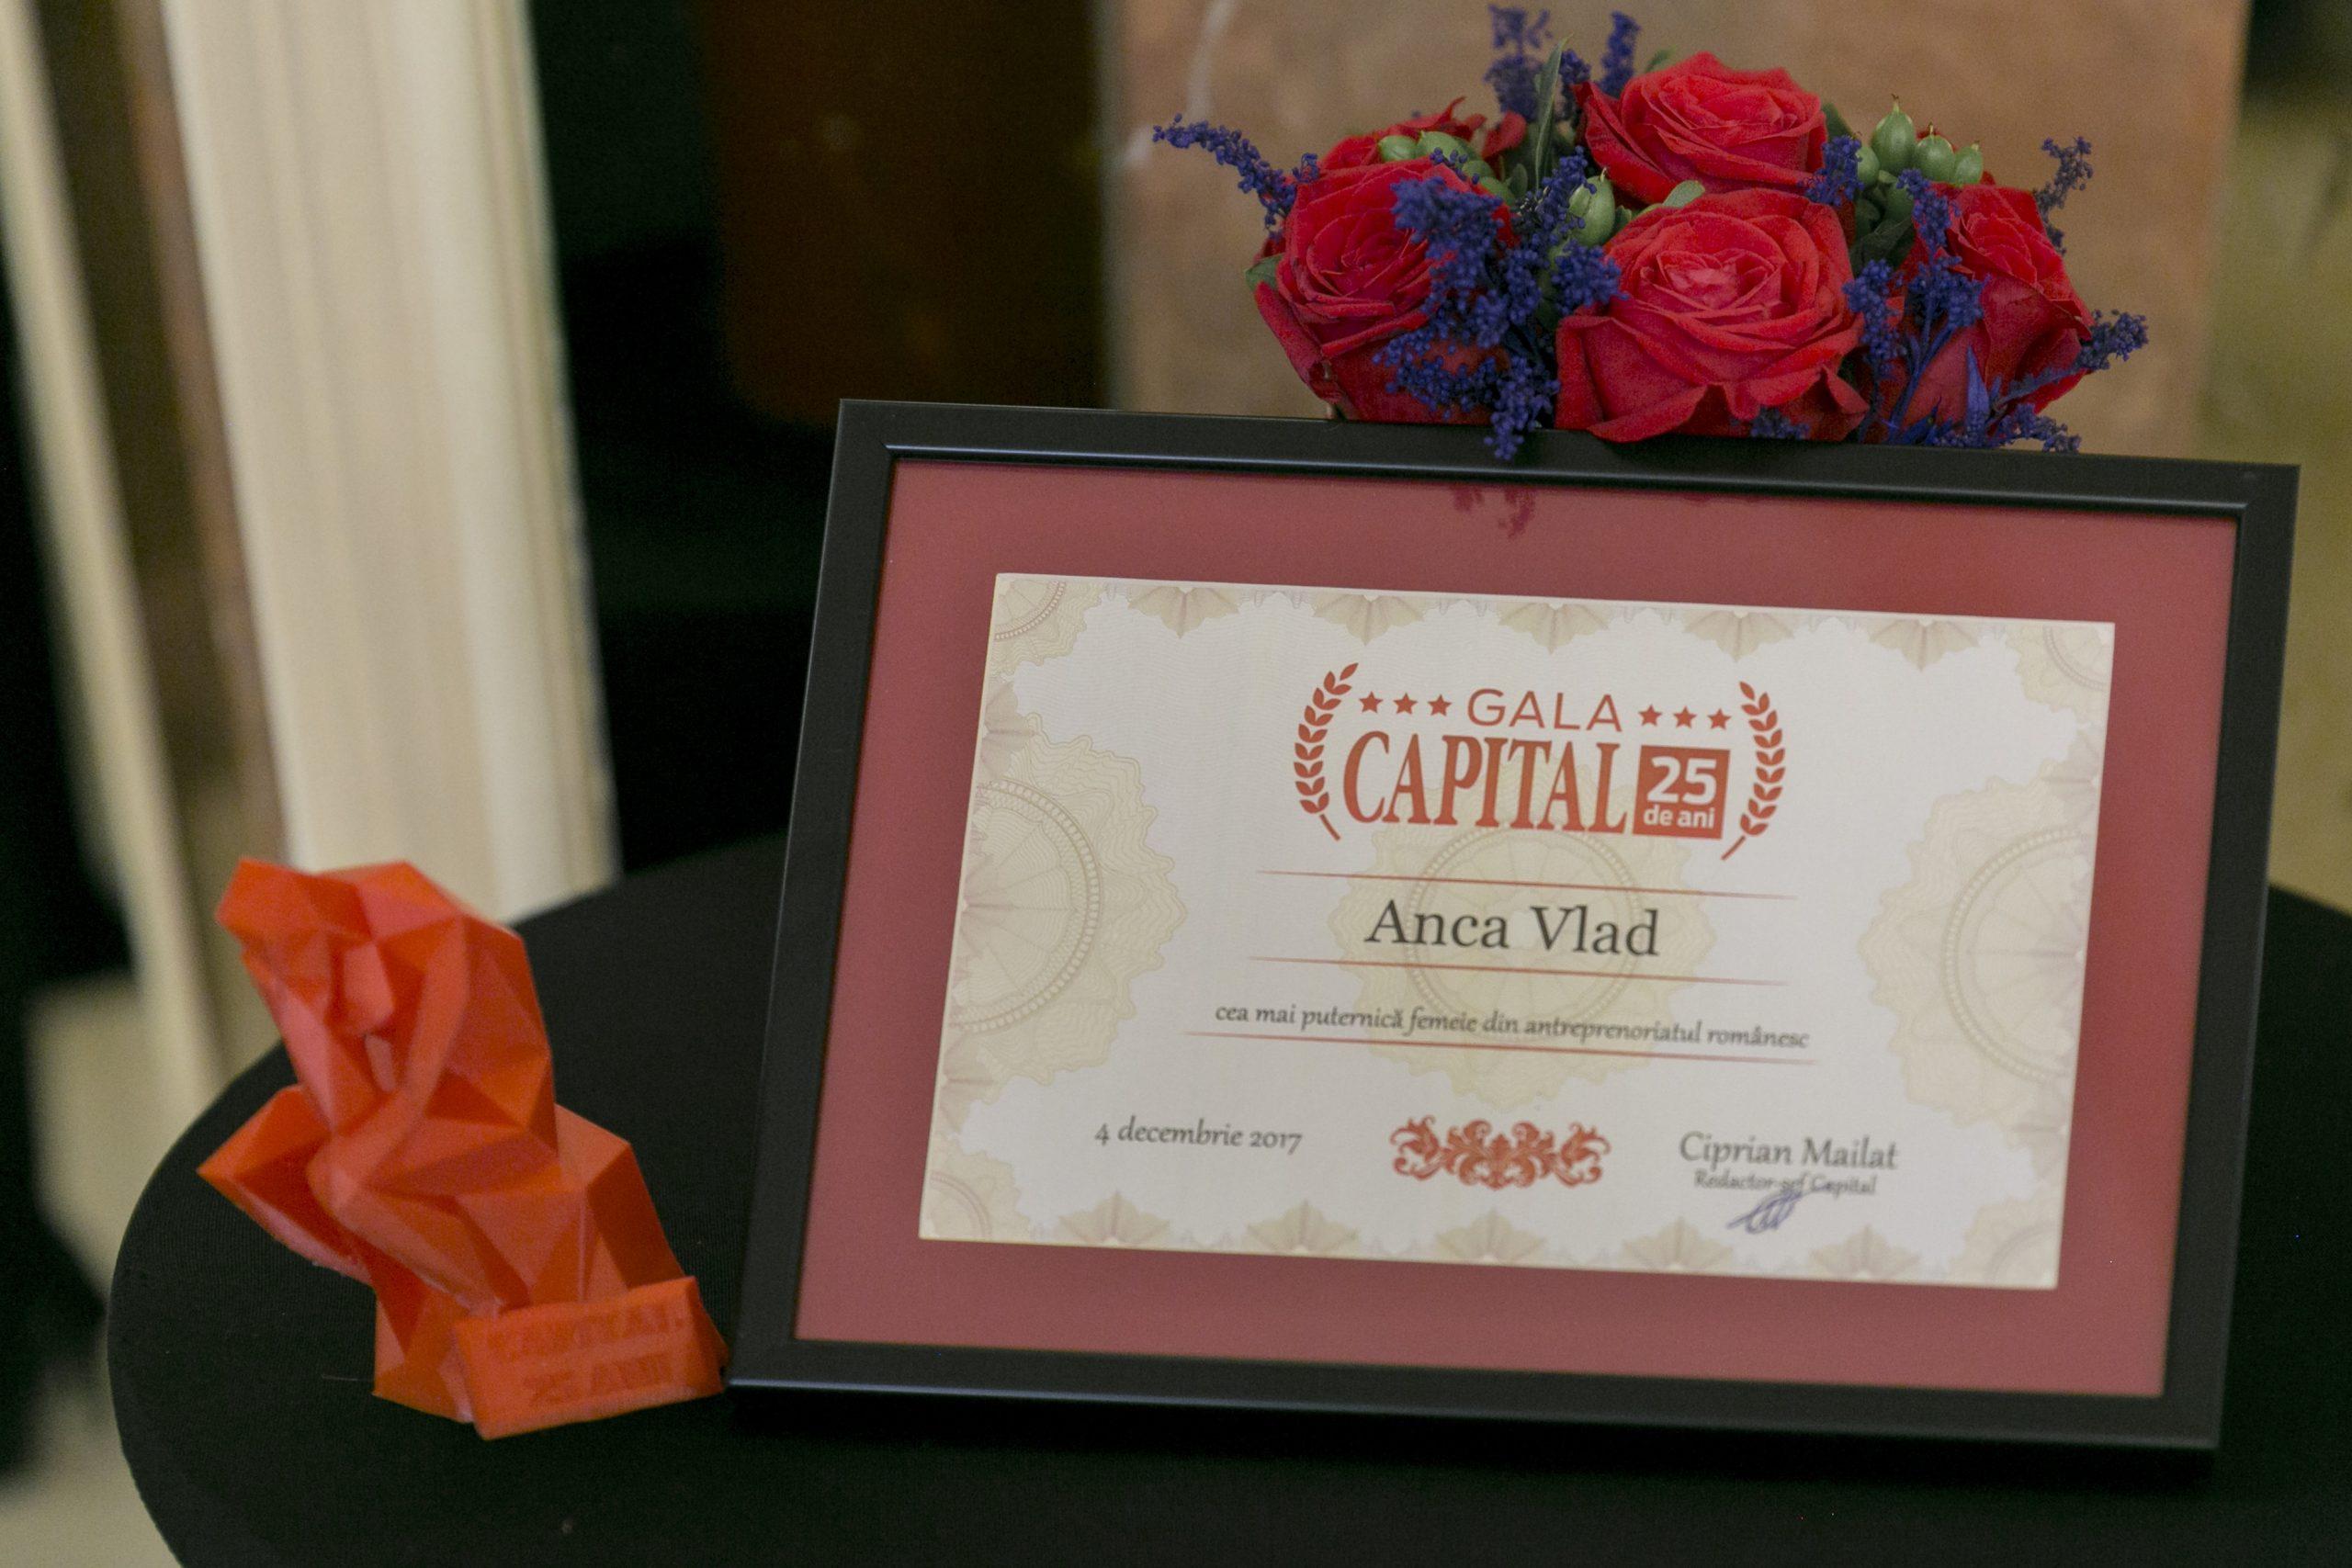 Revista Capital: Anca Vlad, desemnata cea mai puternica femeie din antreprenoriatul romanesc